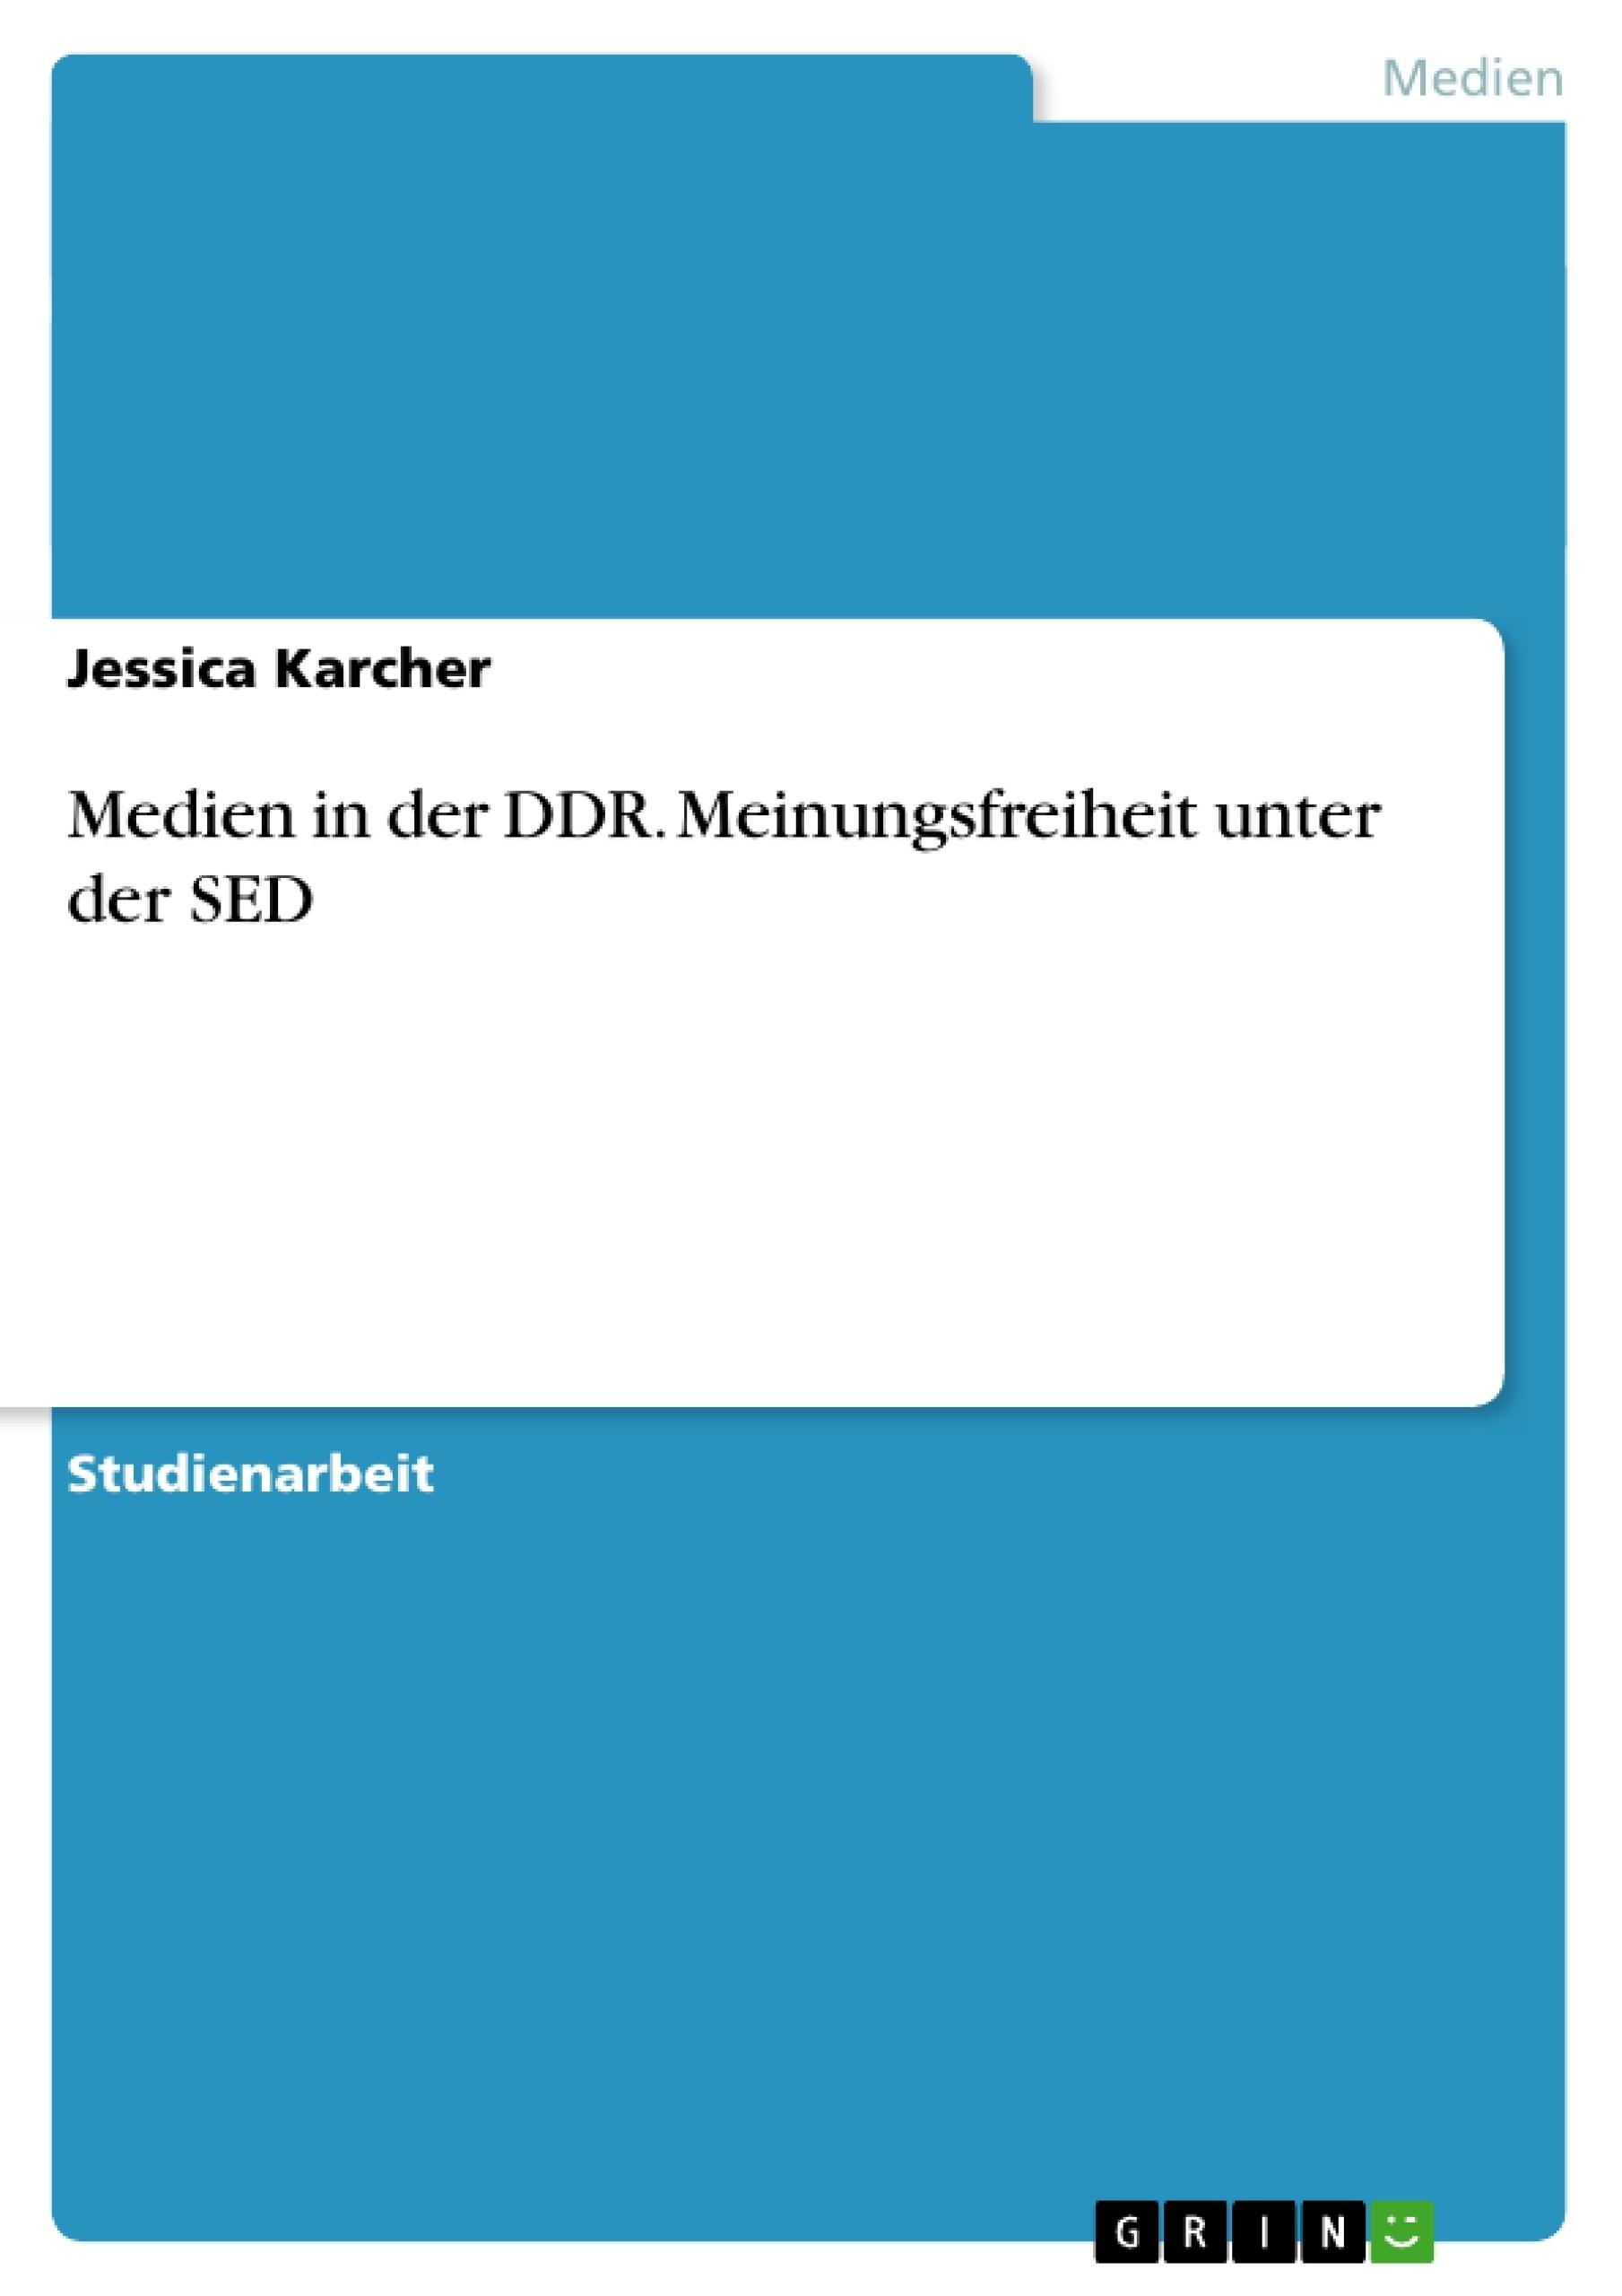 Titel: Medien in der DDR. Meinungsfreiheit unter der SED